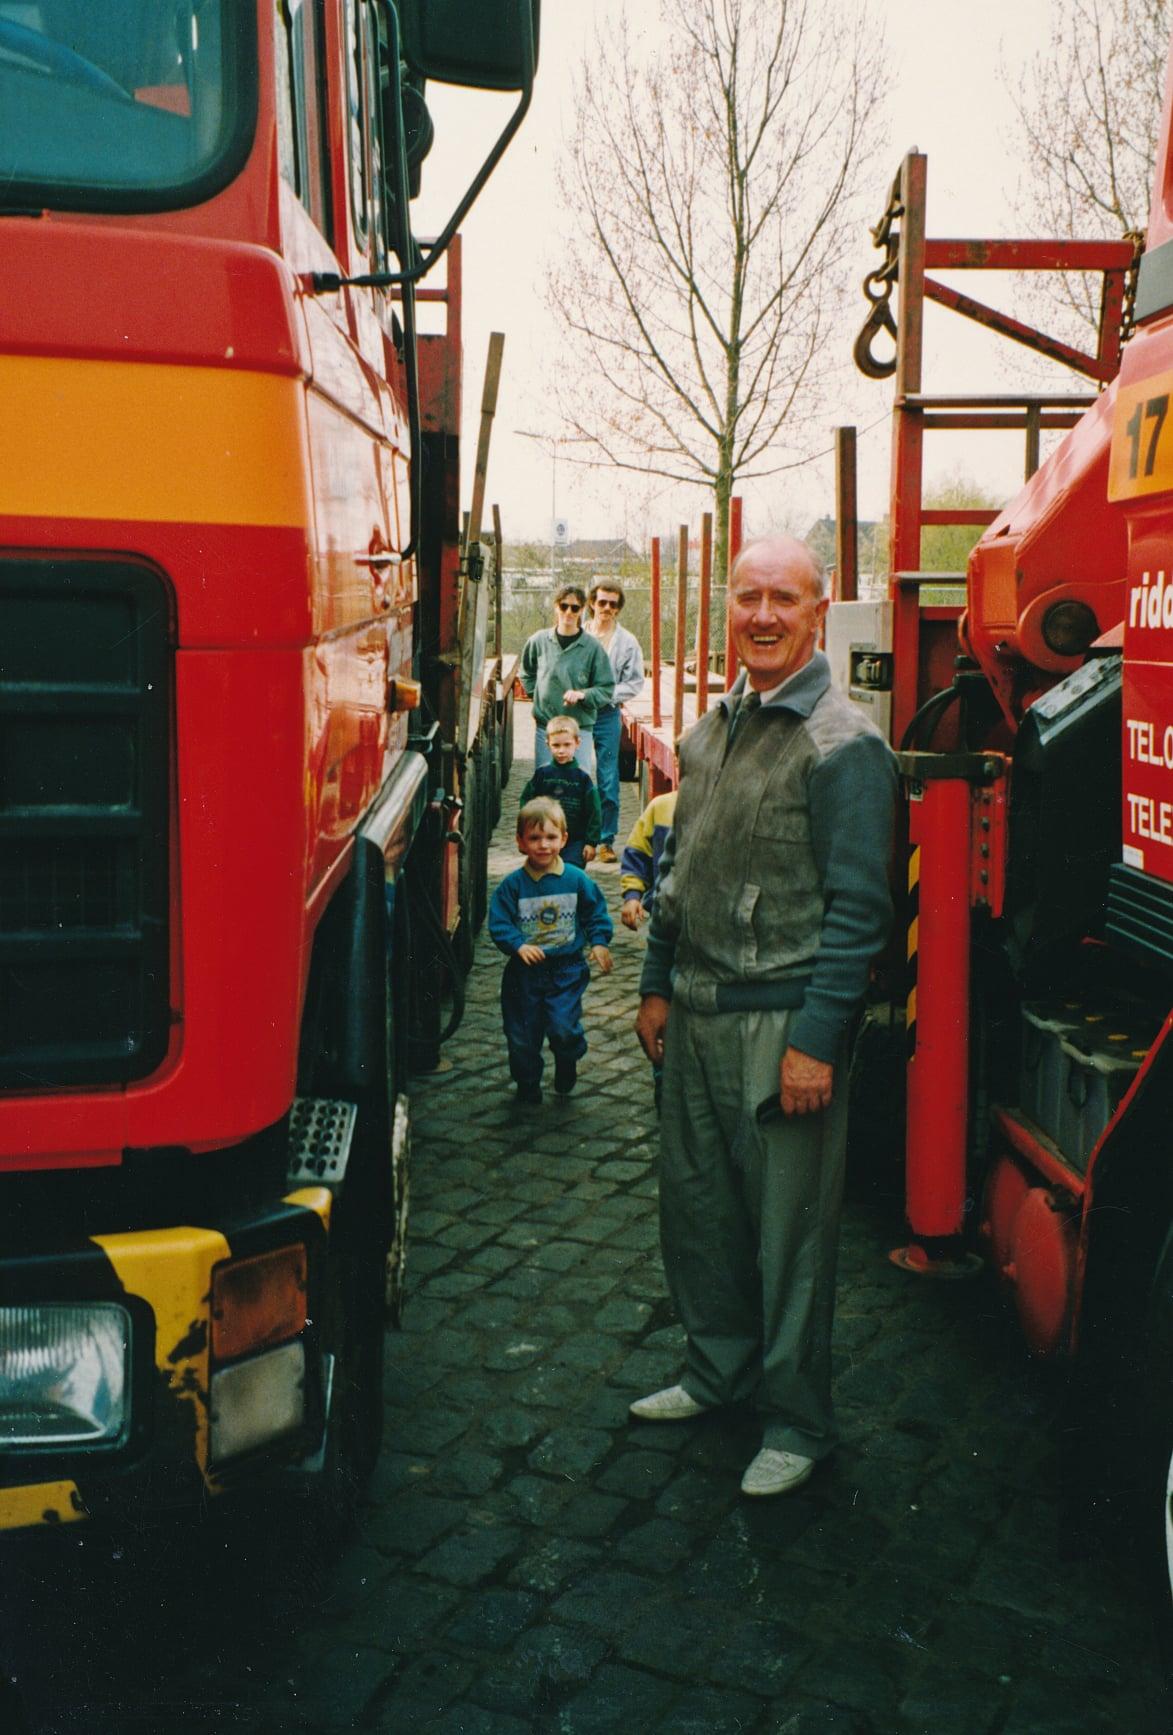 Jan-VanderEnt-opendaag-van-de-zaak----Dan-Moeder-kinderen-en-kleinkinderen-mee--(1)